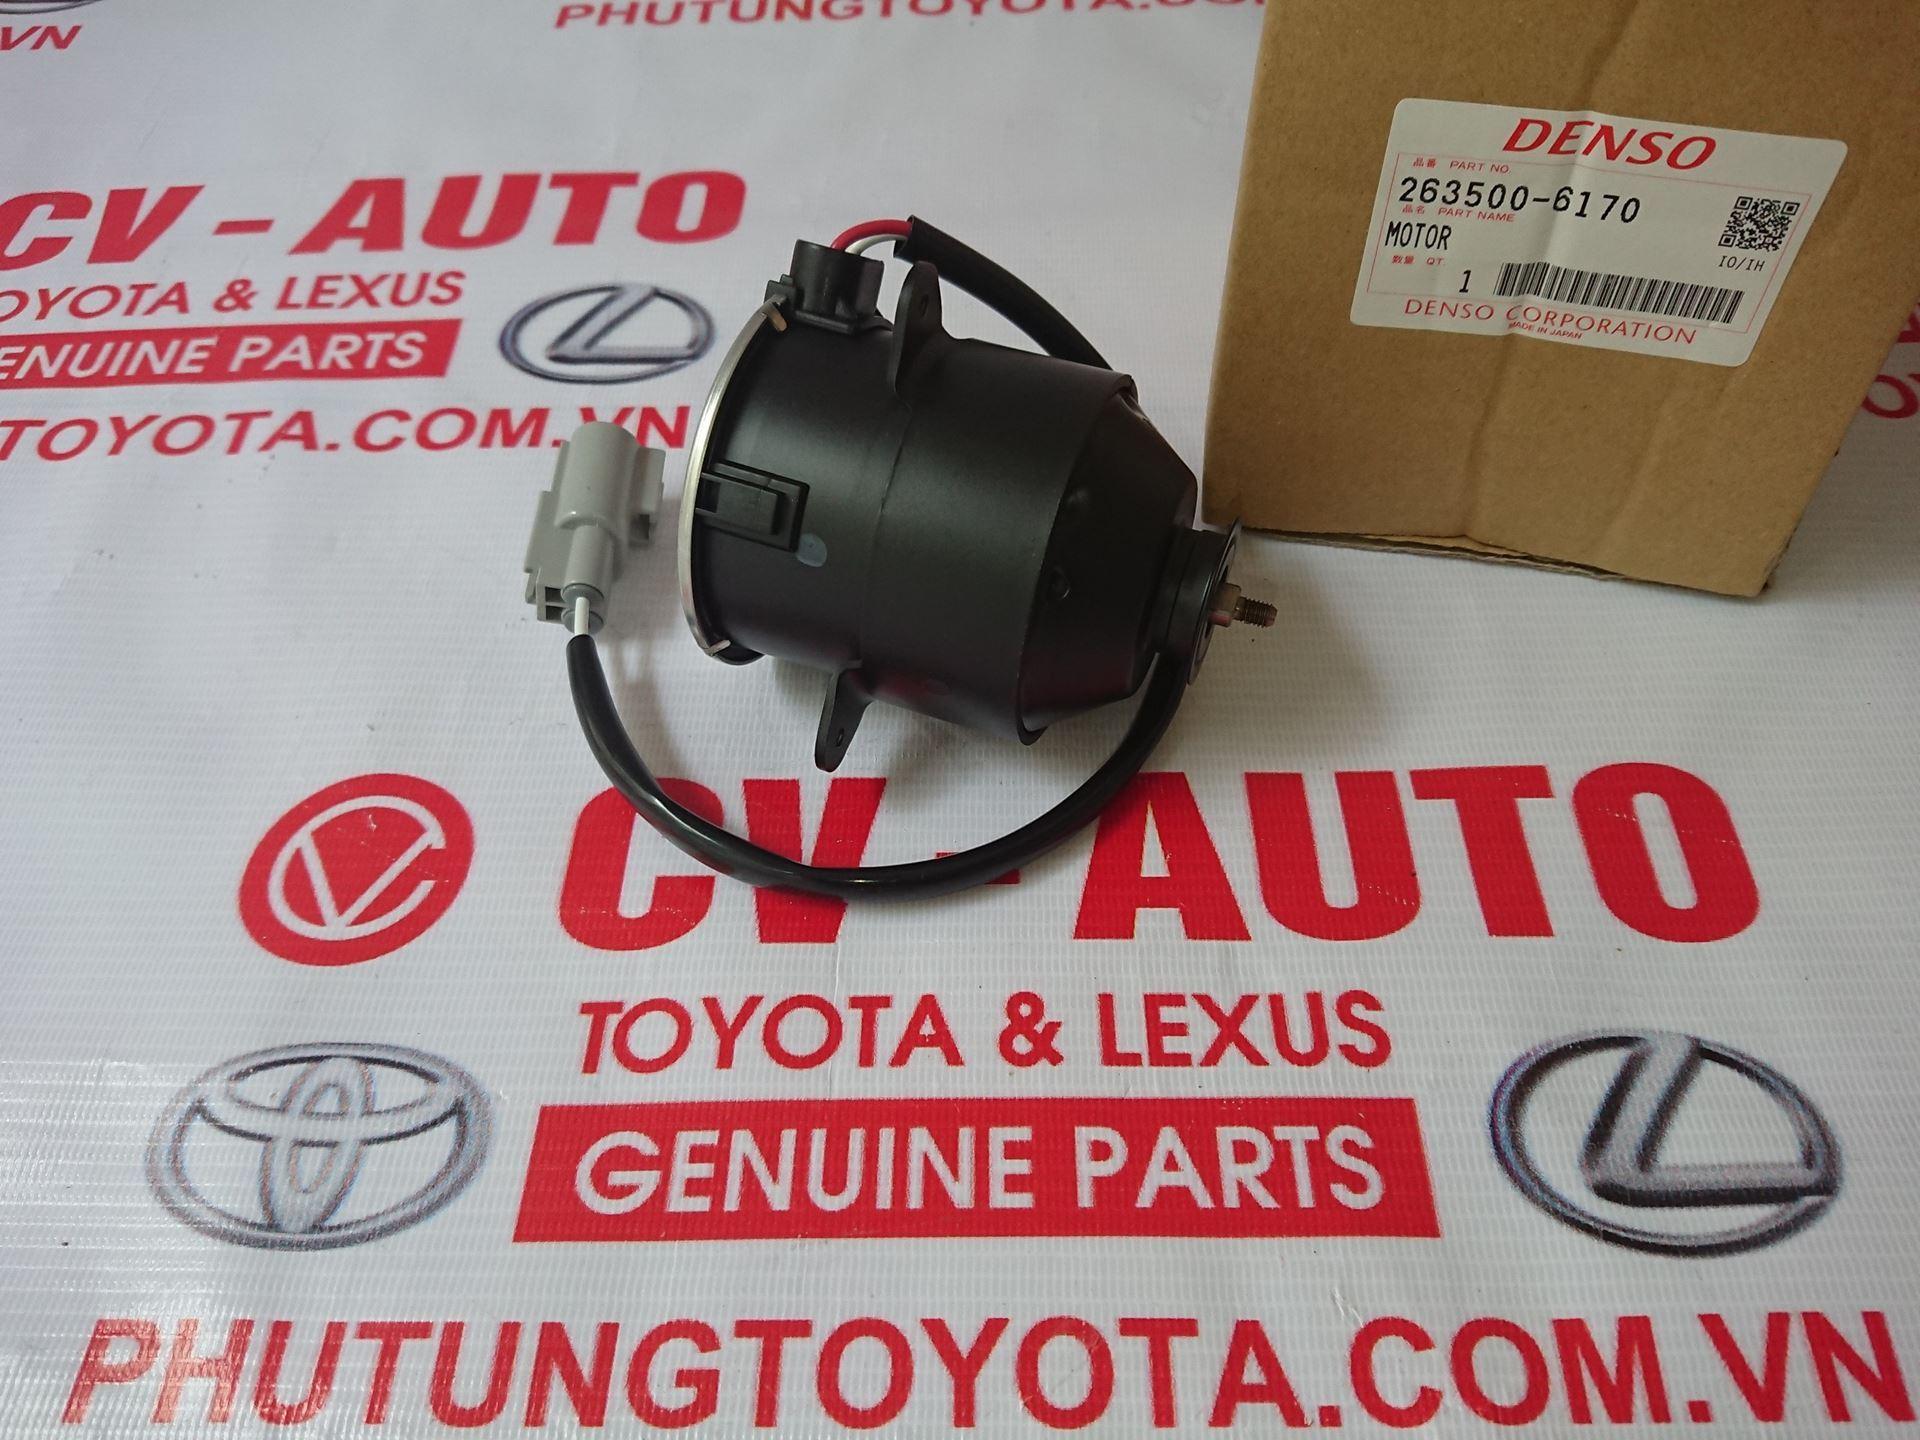 Picture of 263500-6170 Mô tơ quạt giàn nóng Toyota Camry hàng chính hãng